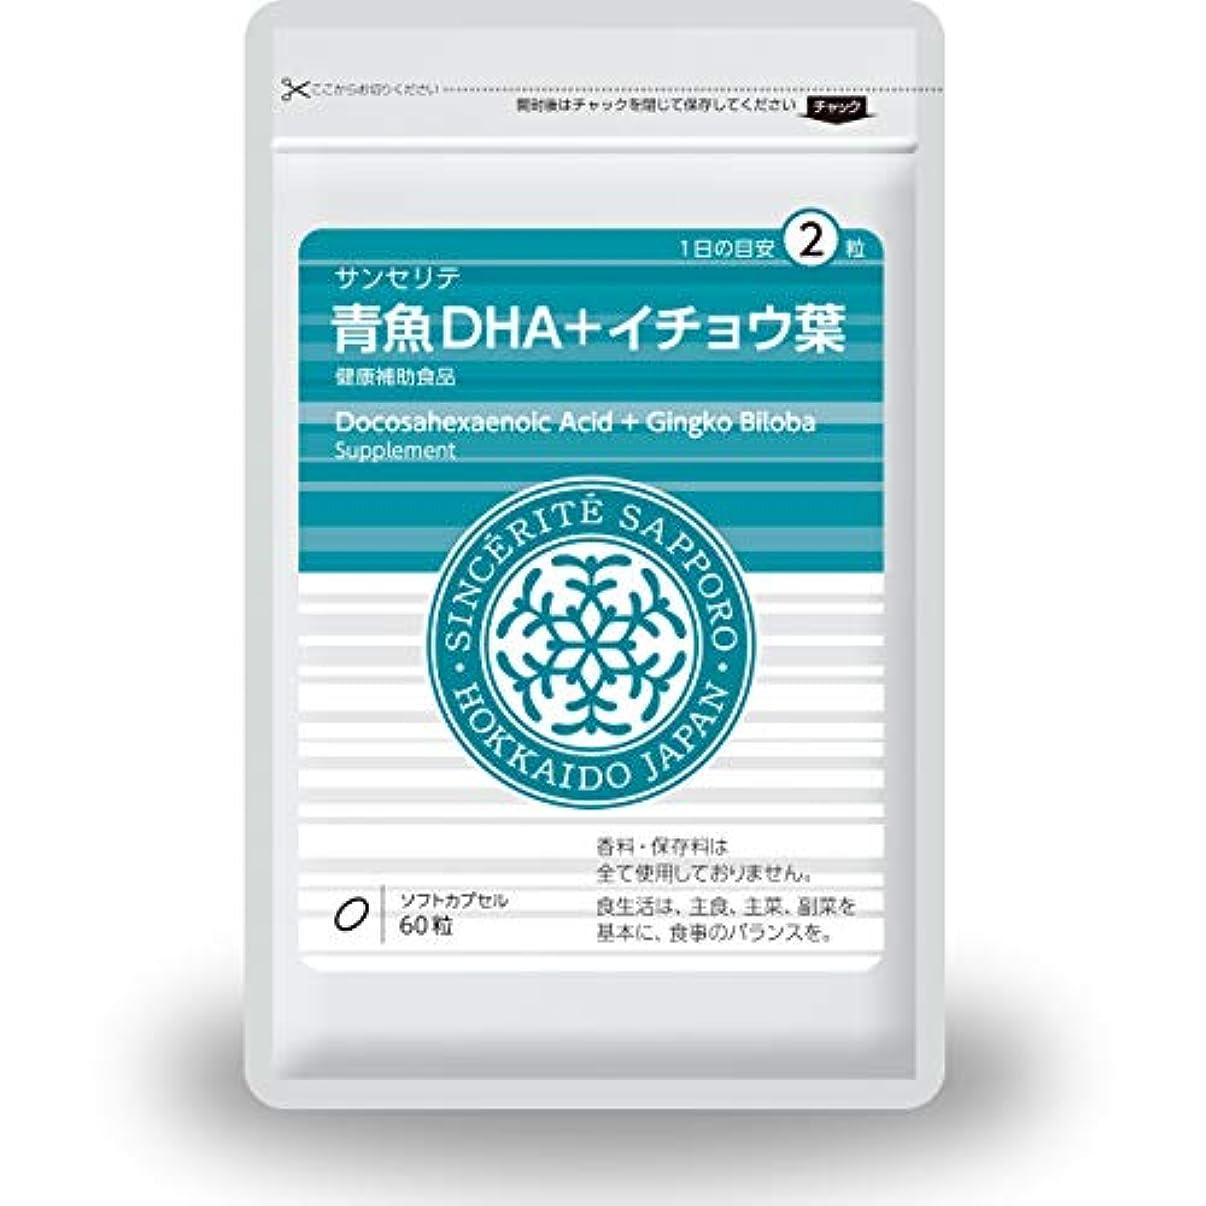 コールド拾う現れる青魚DHA+イチョウ葉 [DHA]101mg配合[国内製造]しっかり30日分